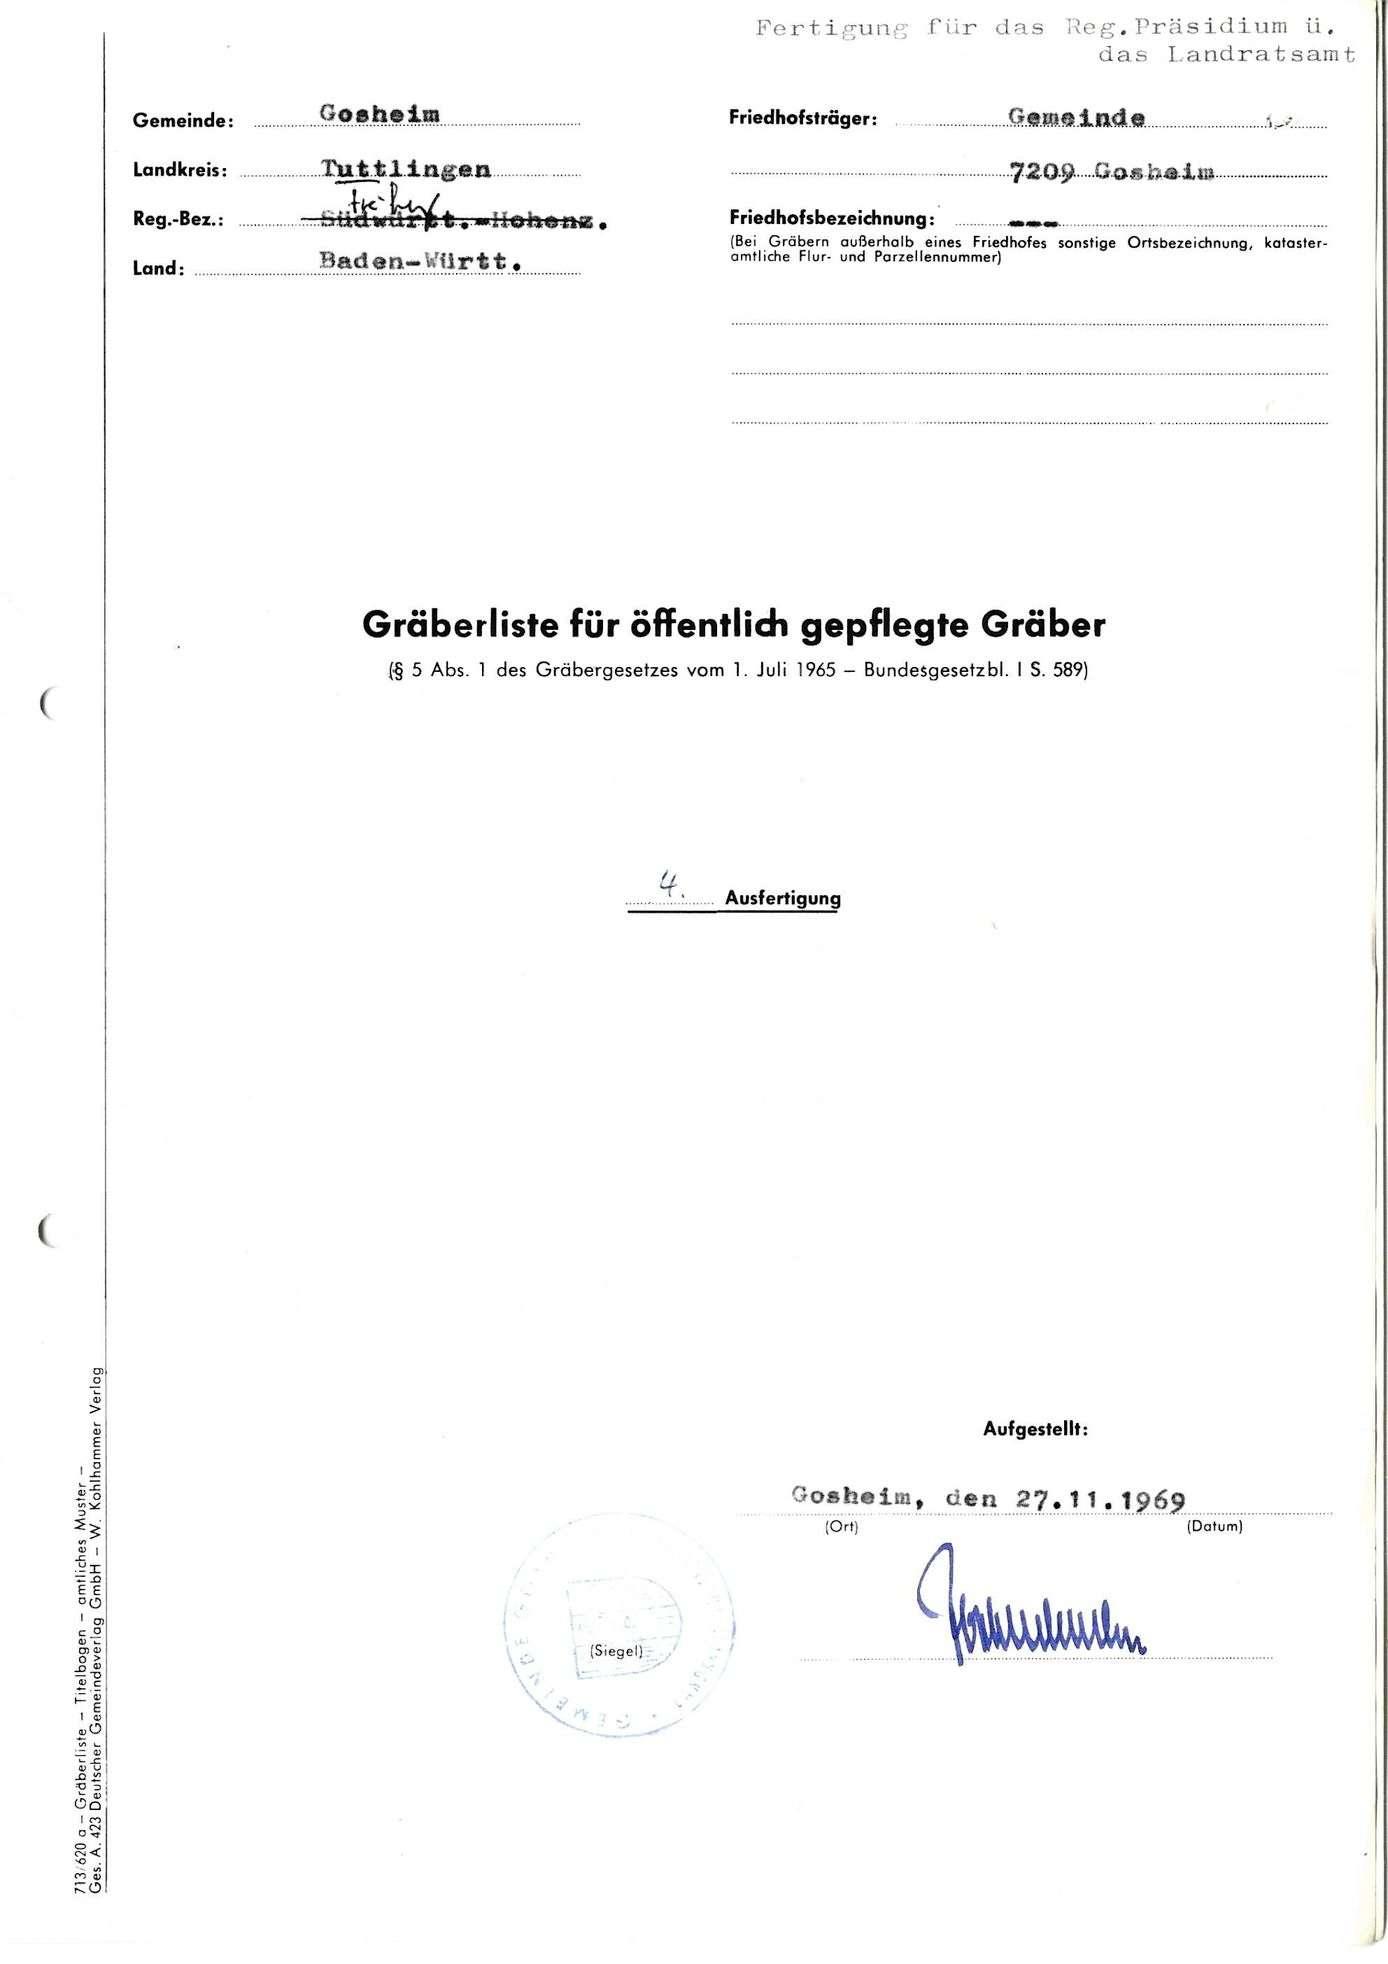 Gosheim, Bild 1